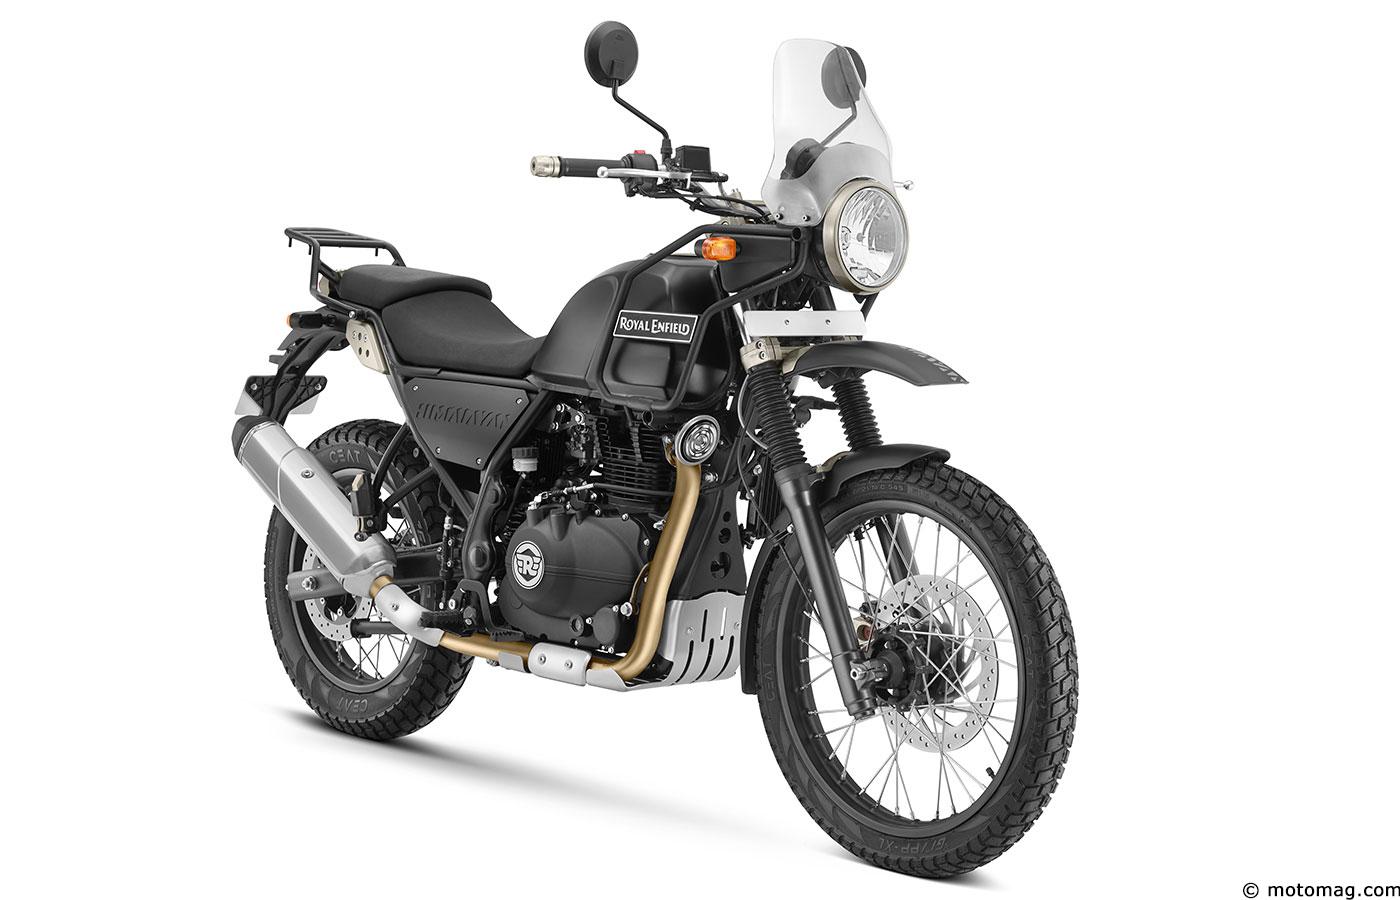 nouveaut moto 2016 royal enfield d voile enfin moto magazine leader de l actualit. Black Bedroom Furniture Sets. Home Design Ideas